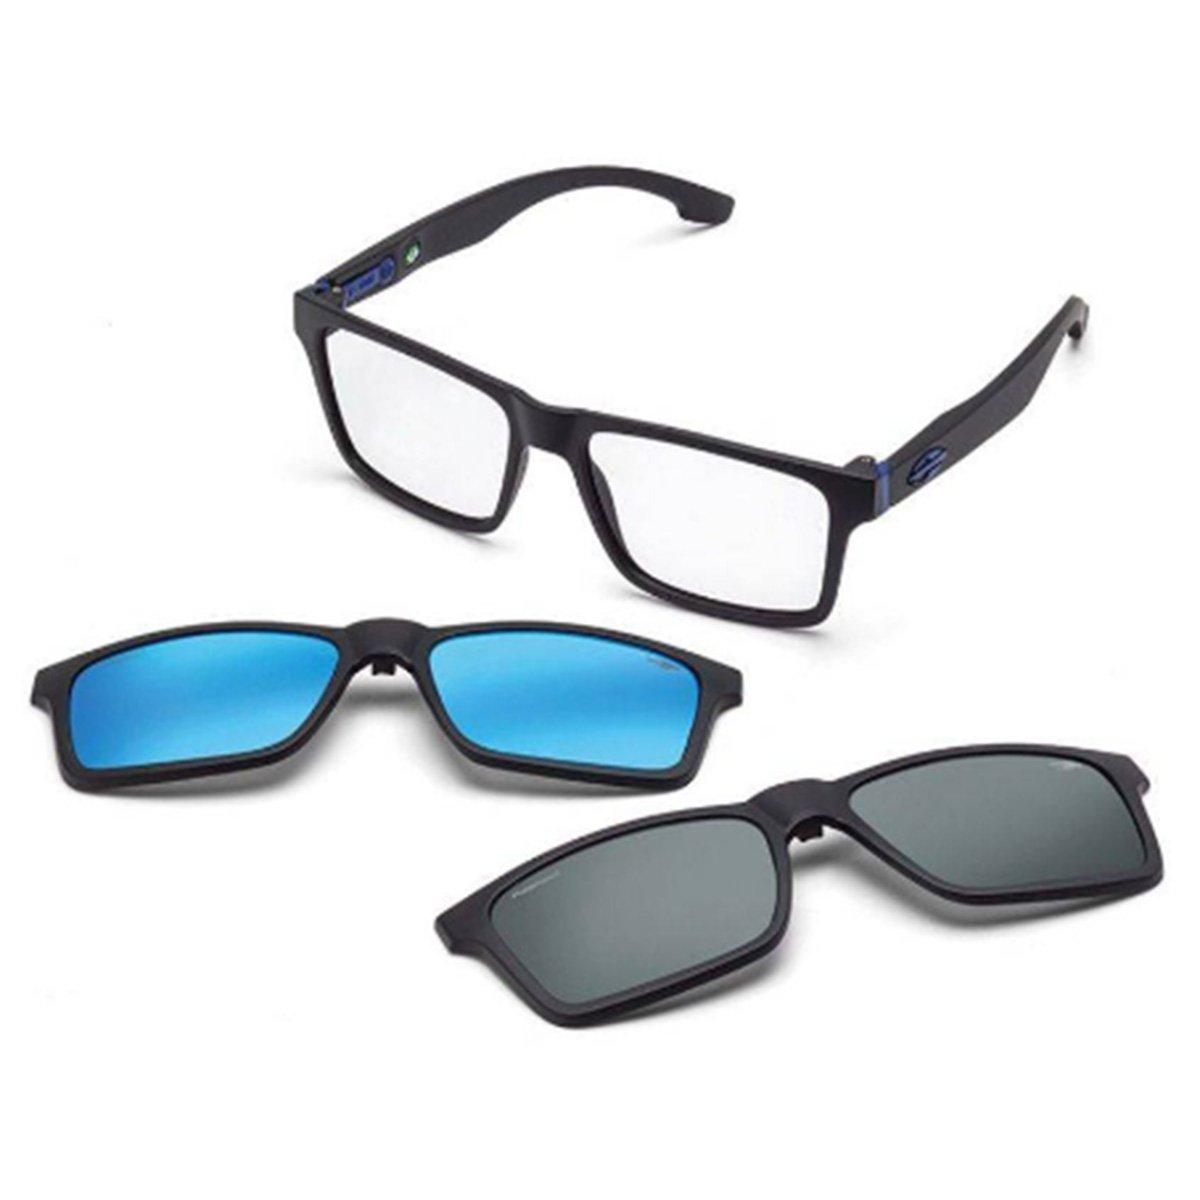 385eac7927083 Compre Óculos de Grau Mormaii Swap Clip On em 10X   Tri-Jóia Shop